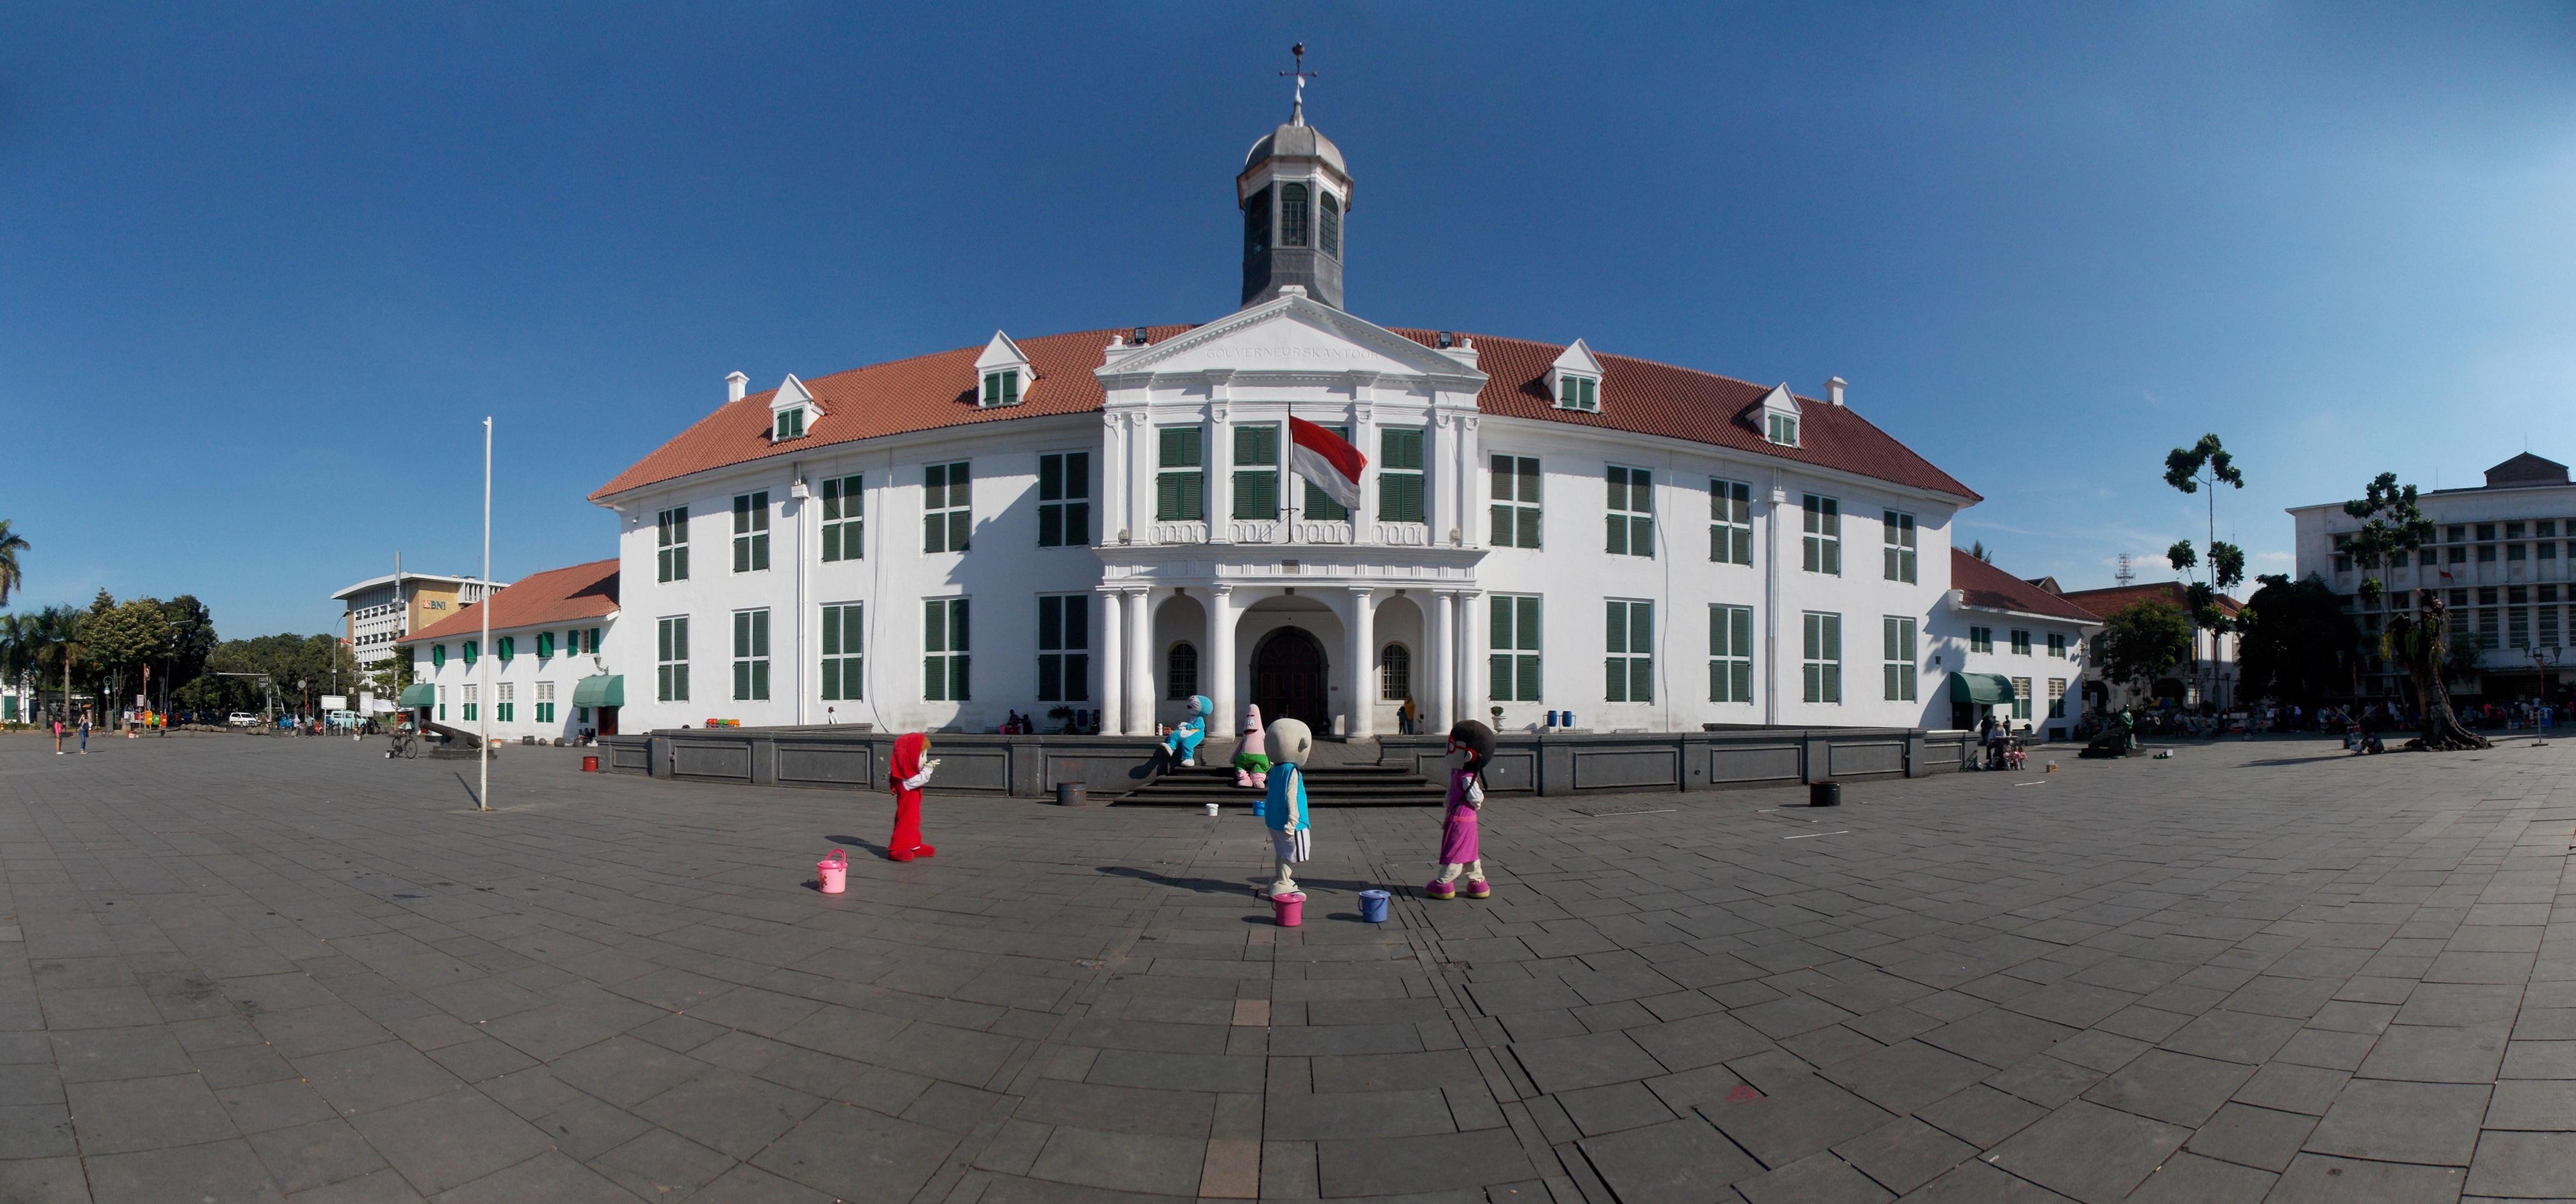 Daerah Khusus Ibukota Jakarta Wikipedia Bahasa Indonesia Bekas Gedung Stadhuis